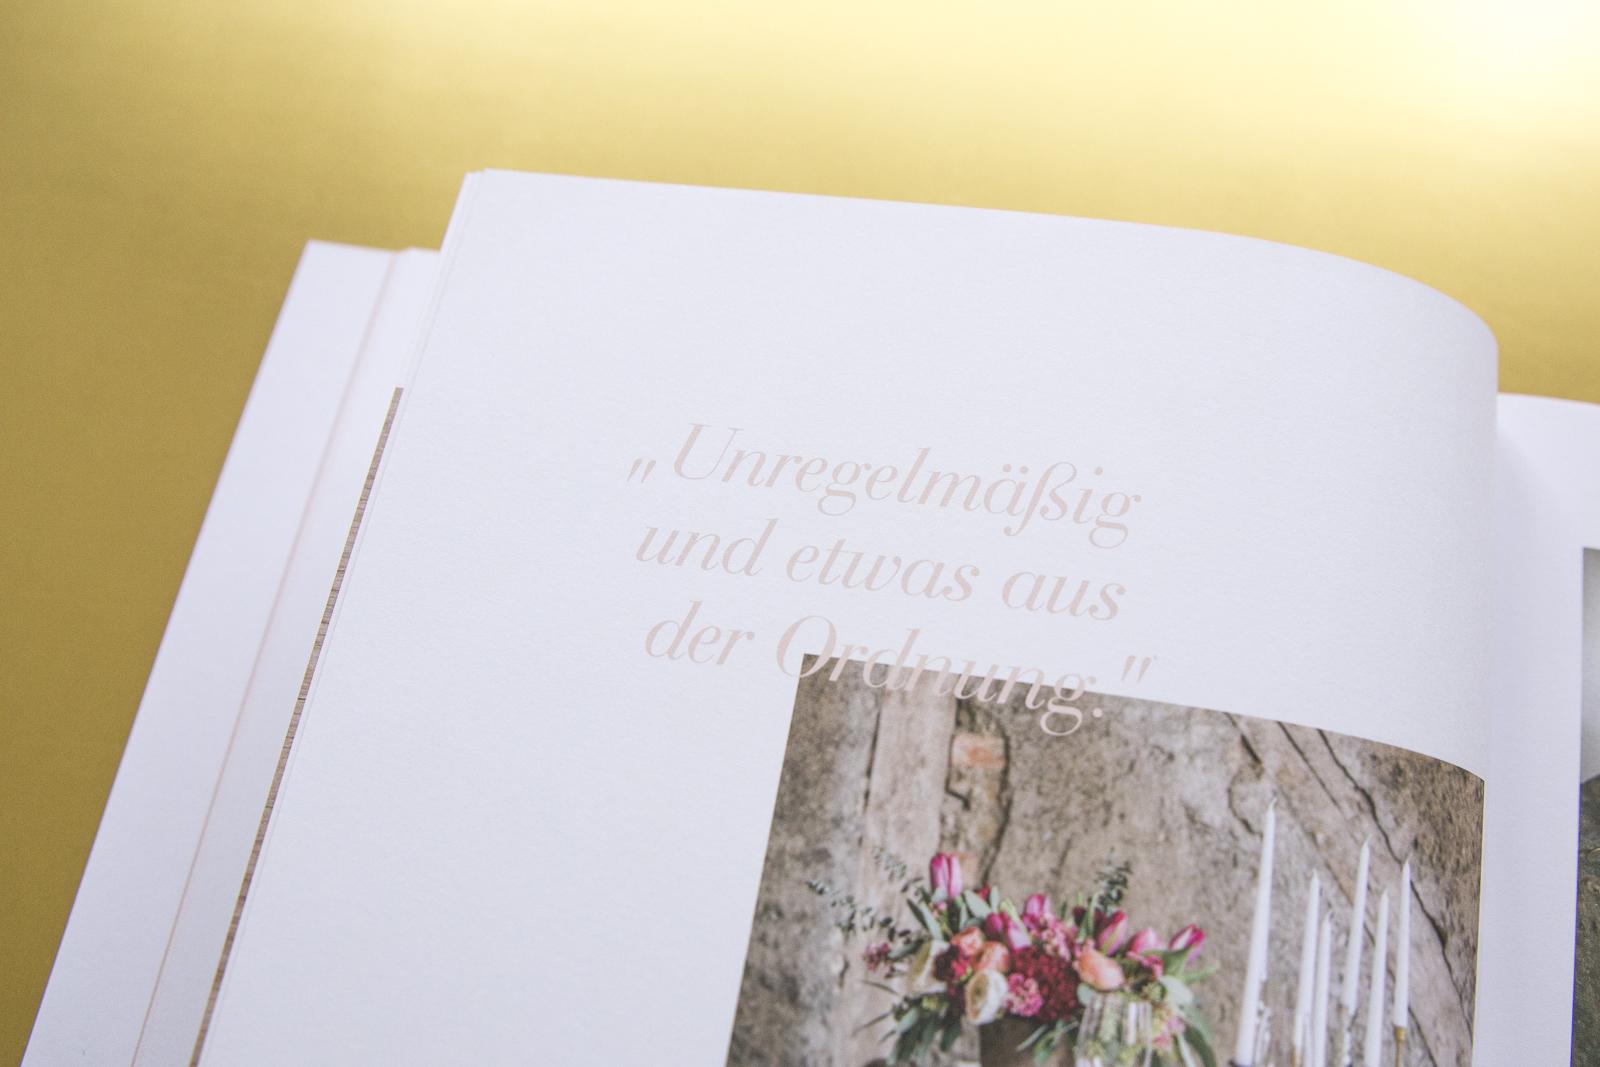 15_Hochzeitswahn Buch__MG_9350_bearbeitet_web